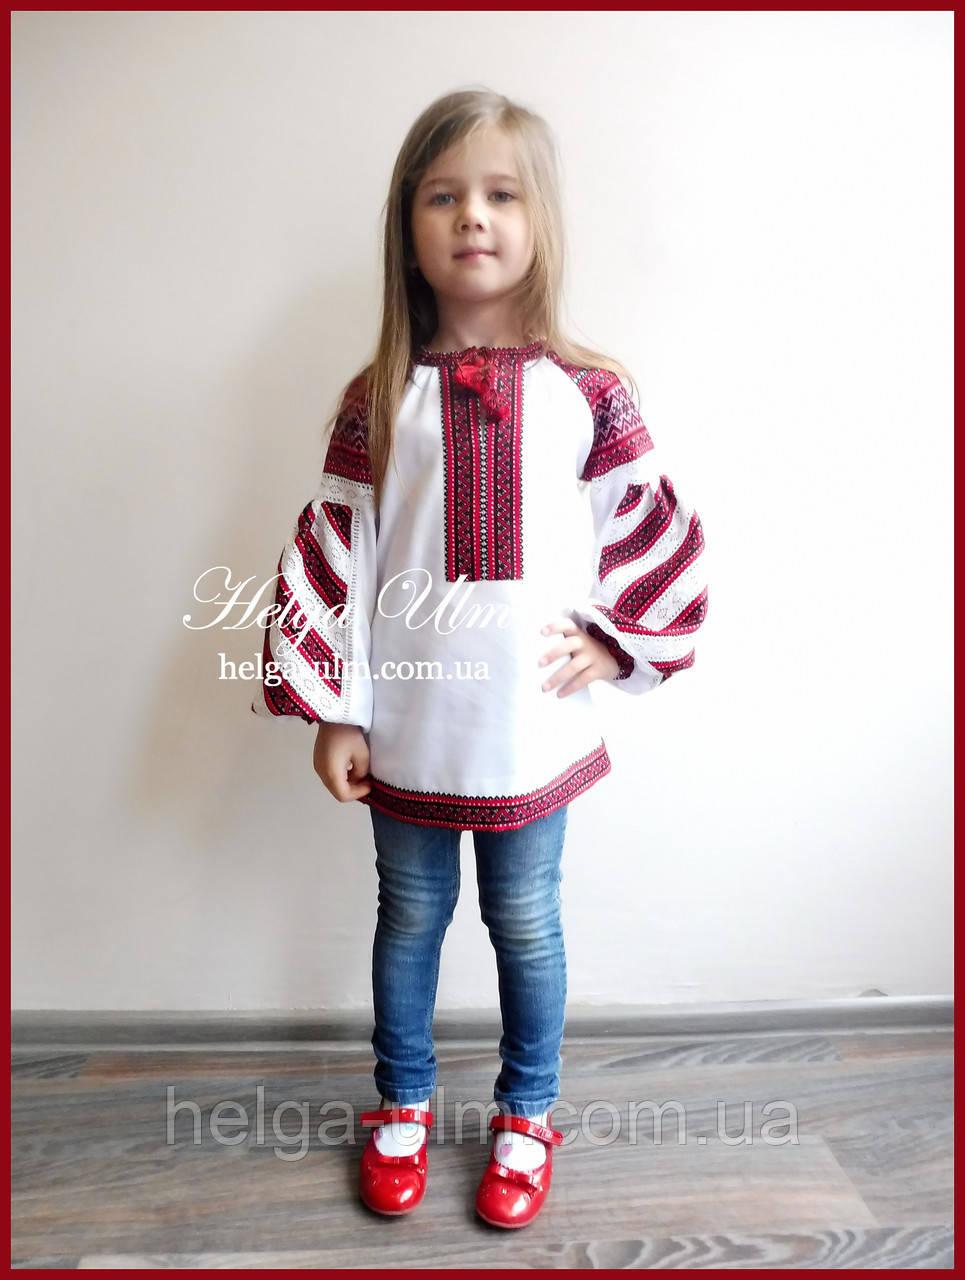 Дитяча вишита туніка, блуза з бавовняним мереживом на замовлення - 110 р.